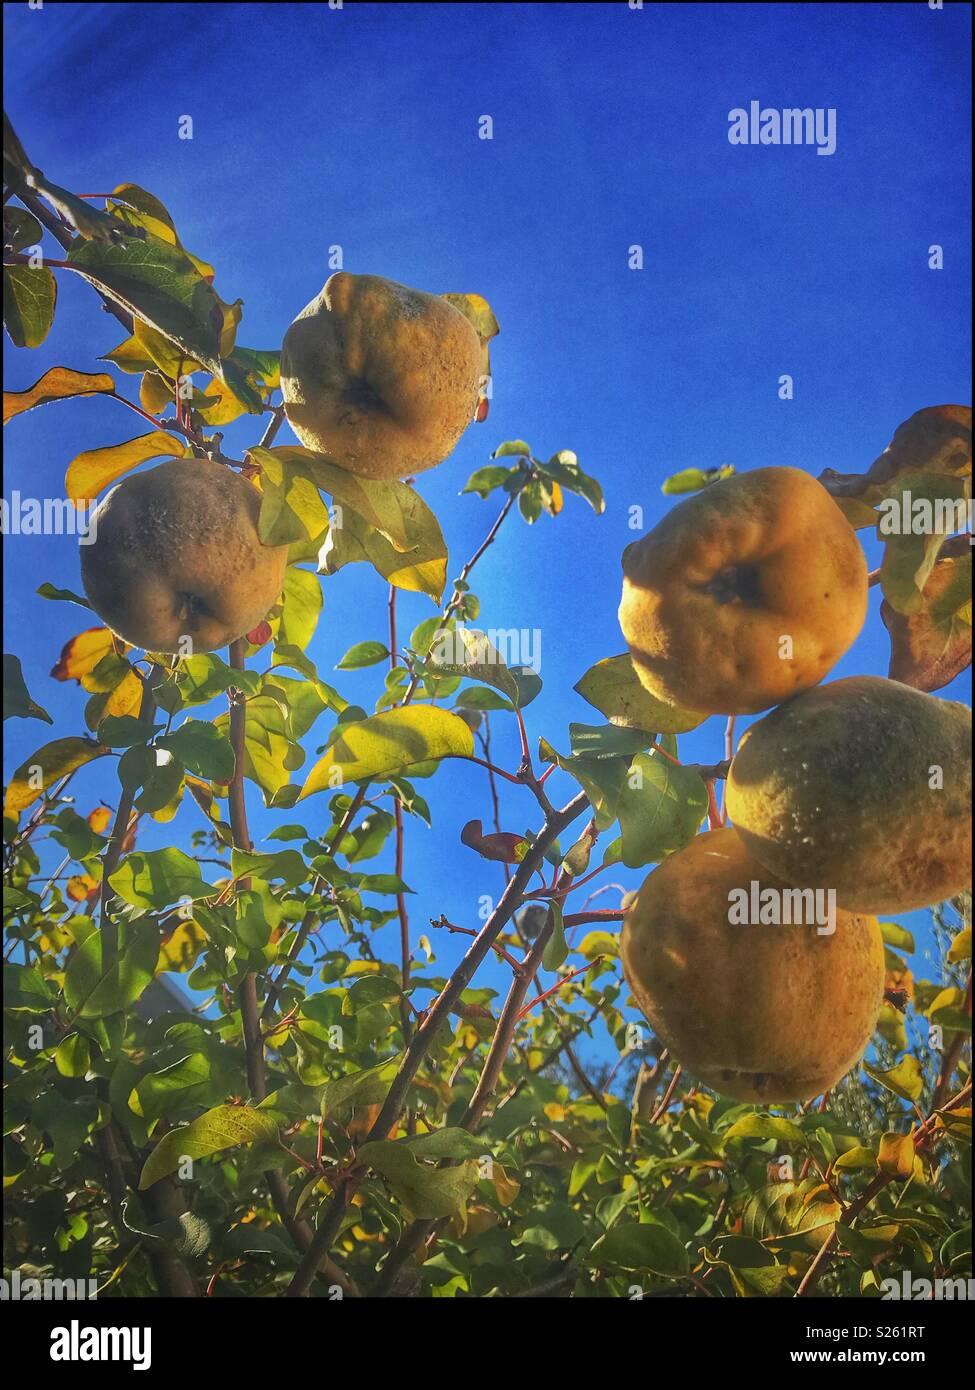 Quitte Baum mit fruchtreife. Stockbild